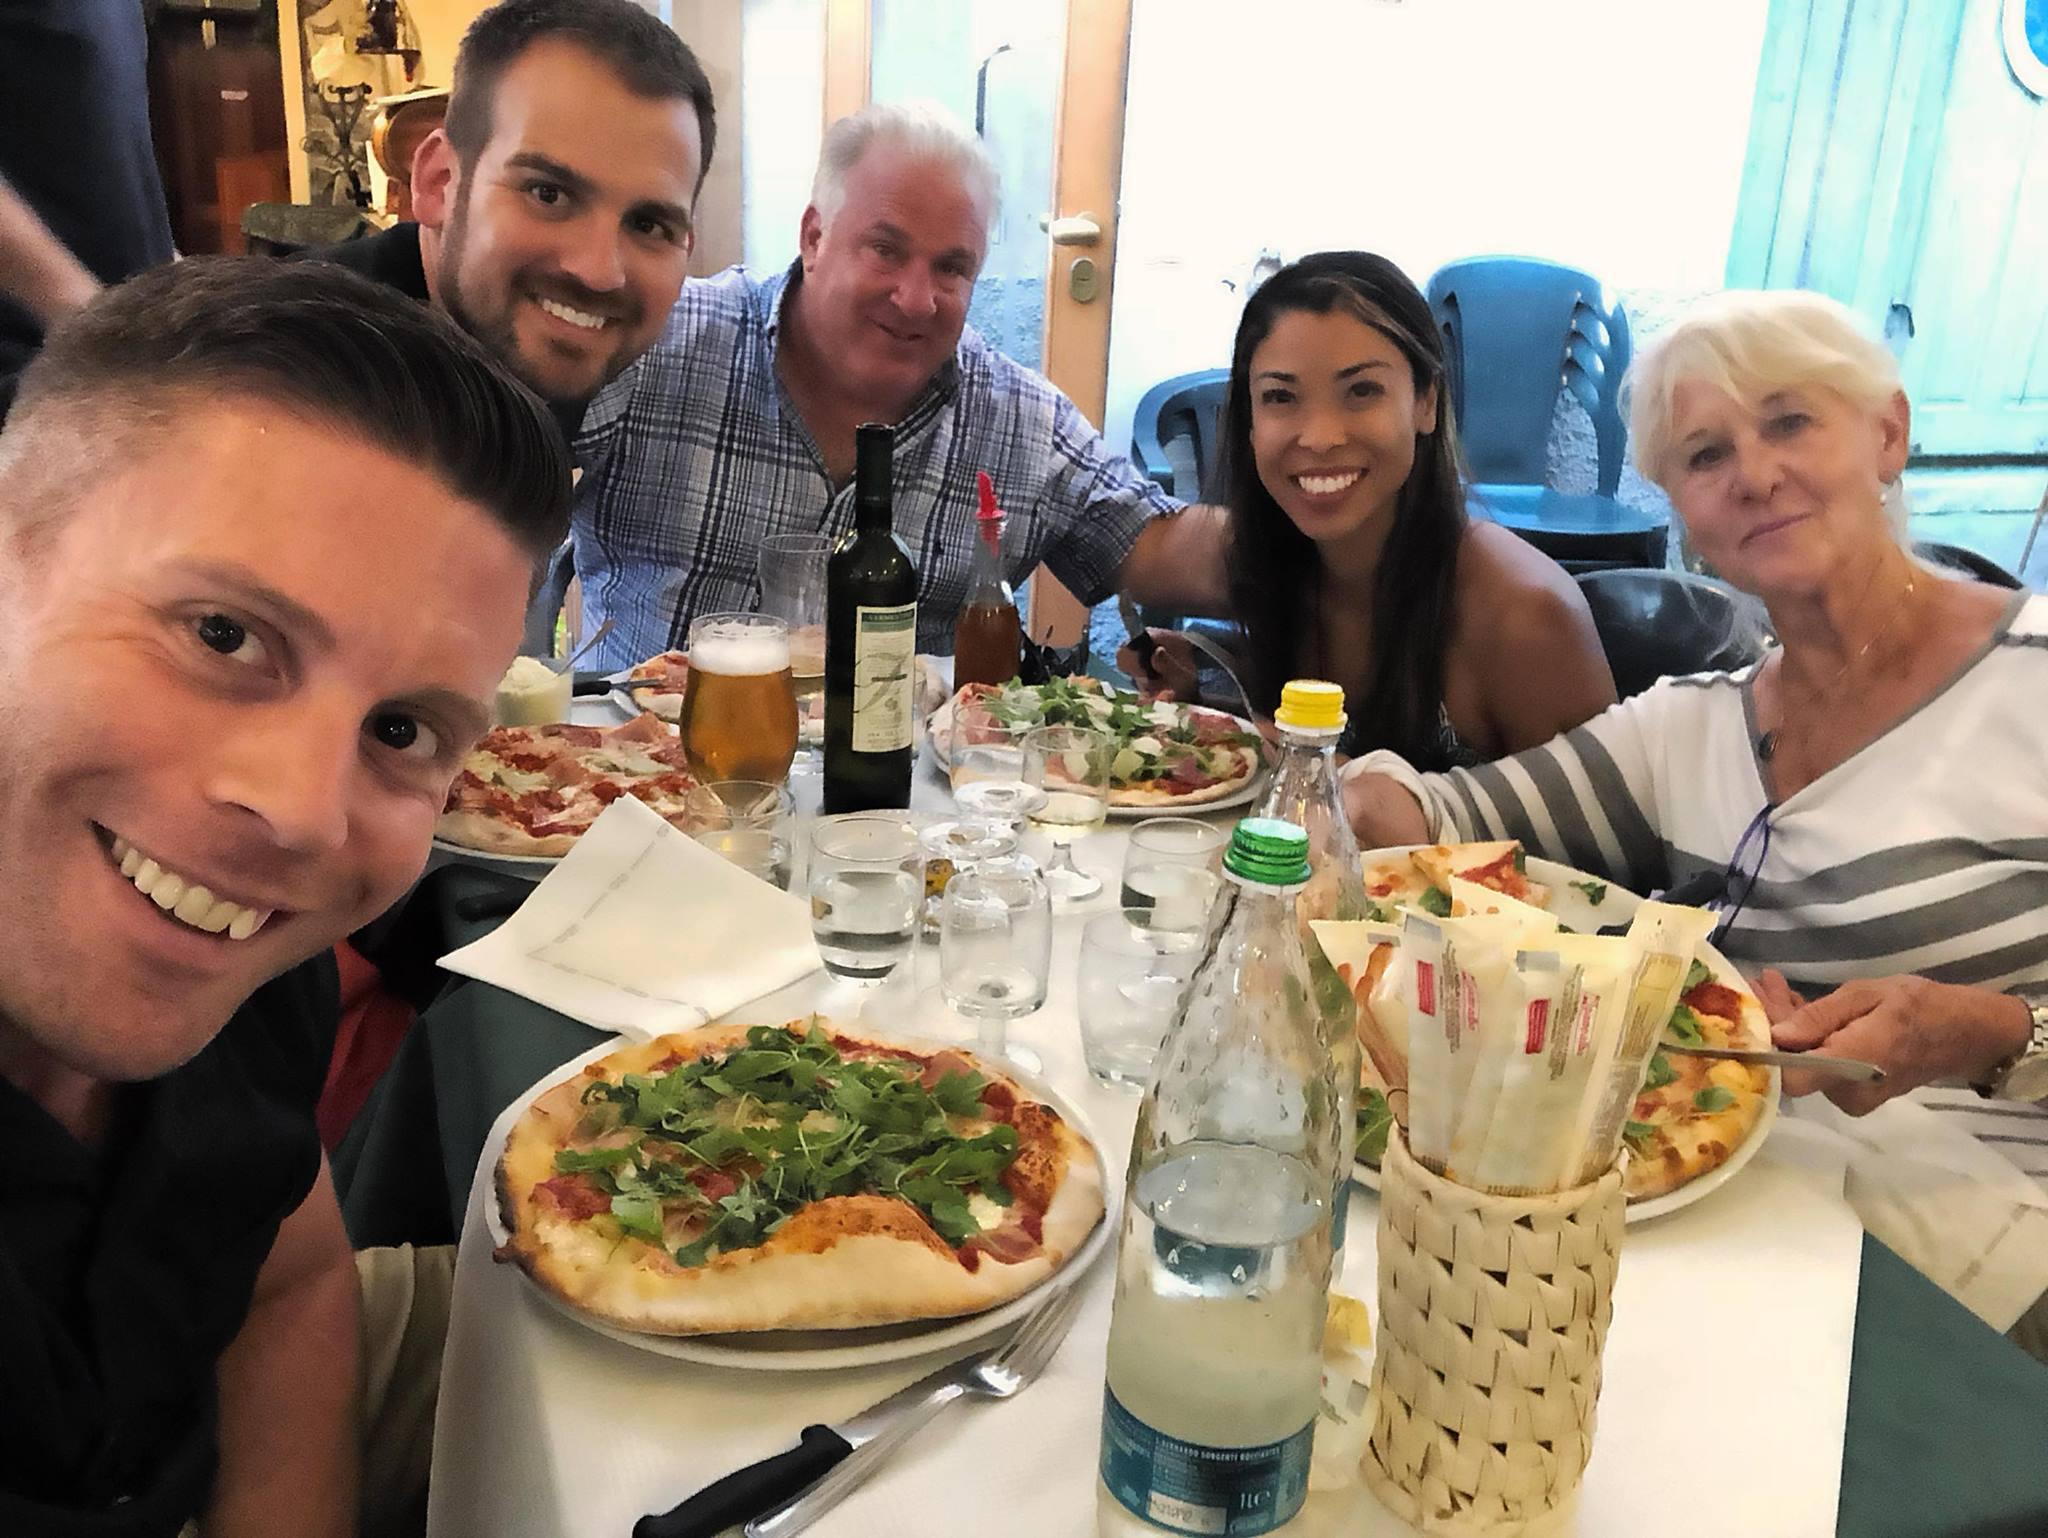 group-l'osteria-di-caterina-ristorante-pizzeria-dolceacqua-italy.jpg